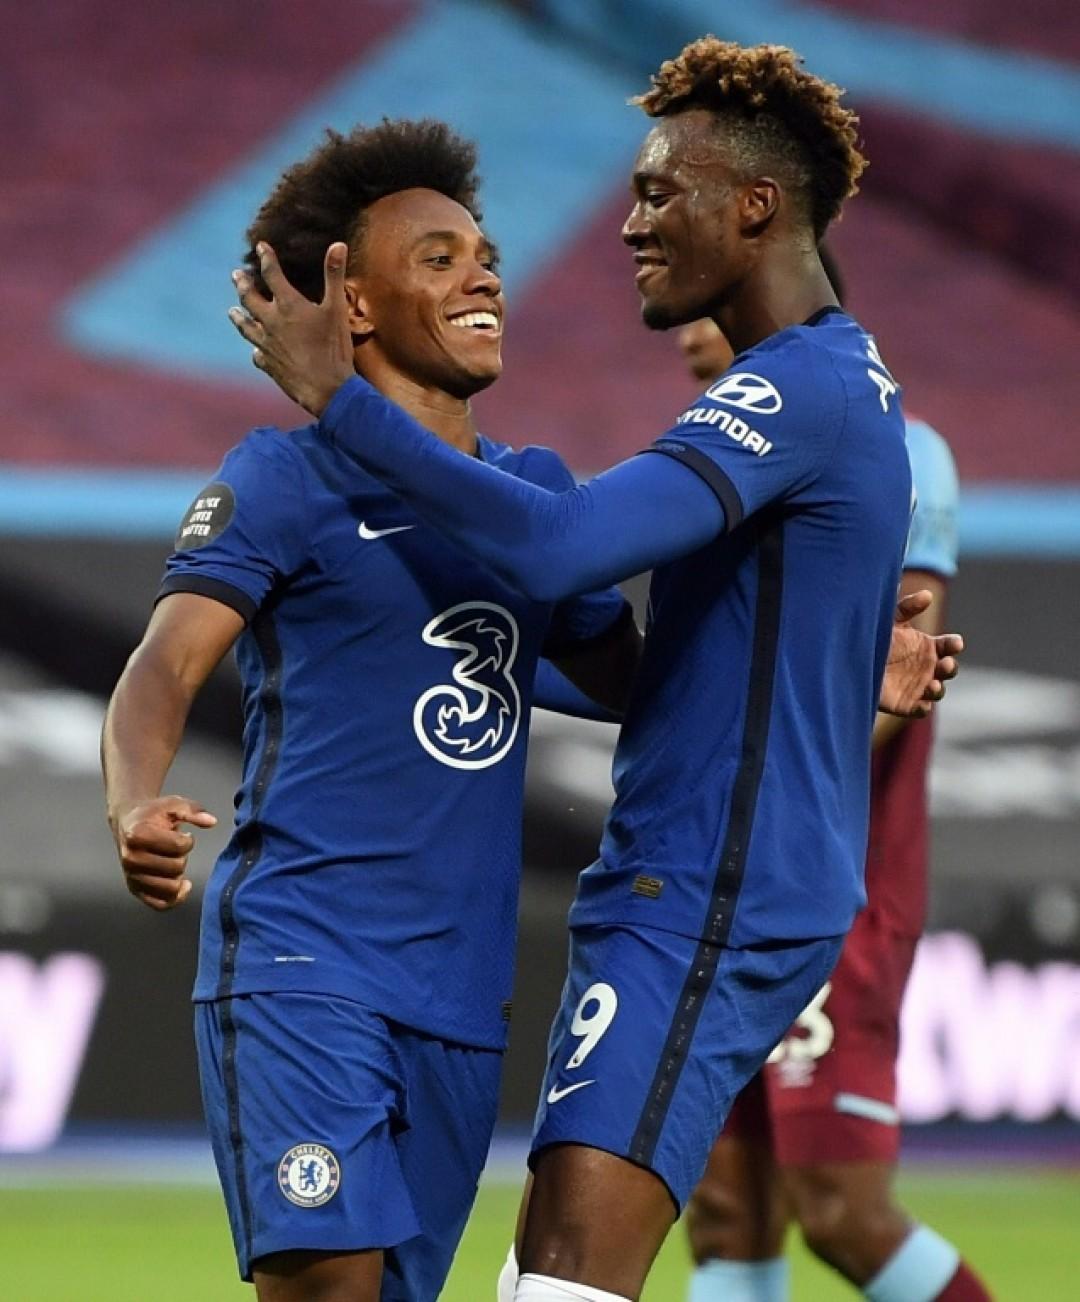 Willian (left) scored twice for Chelsea